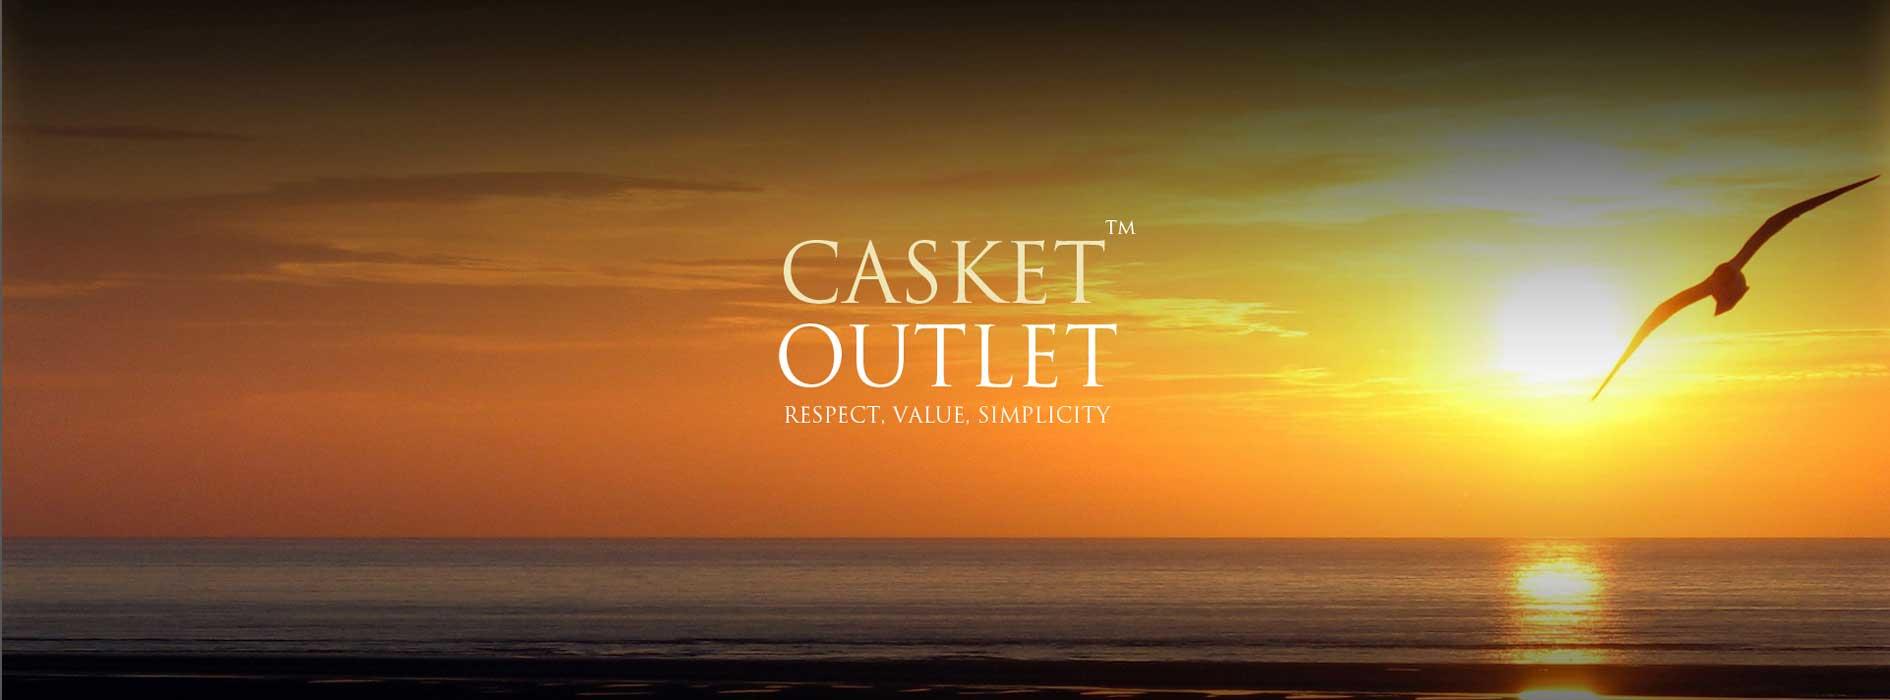 casket, wood casket, metal casket, cremation casket, casket vault